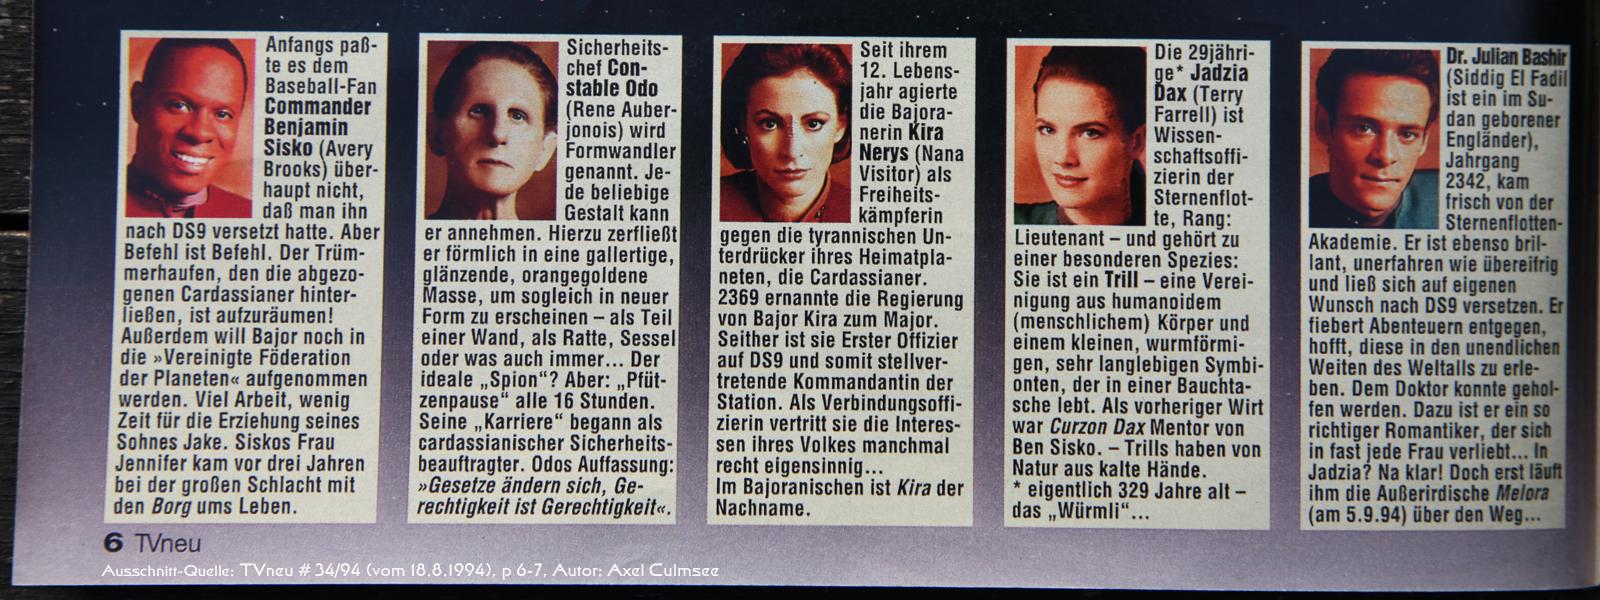 DS9-Artikel in TVneu 34-1994 Ausschnitt Crew 1